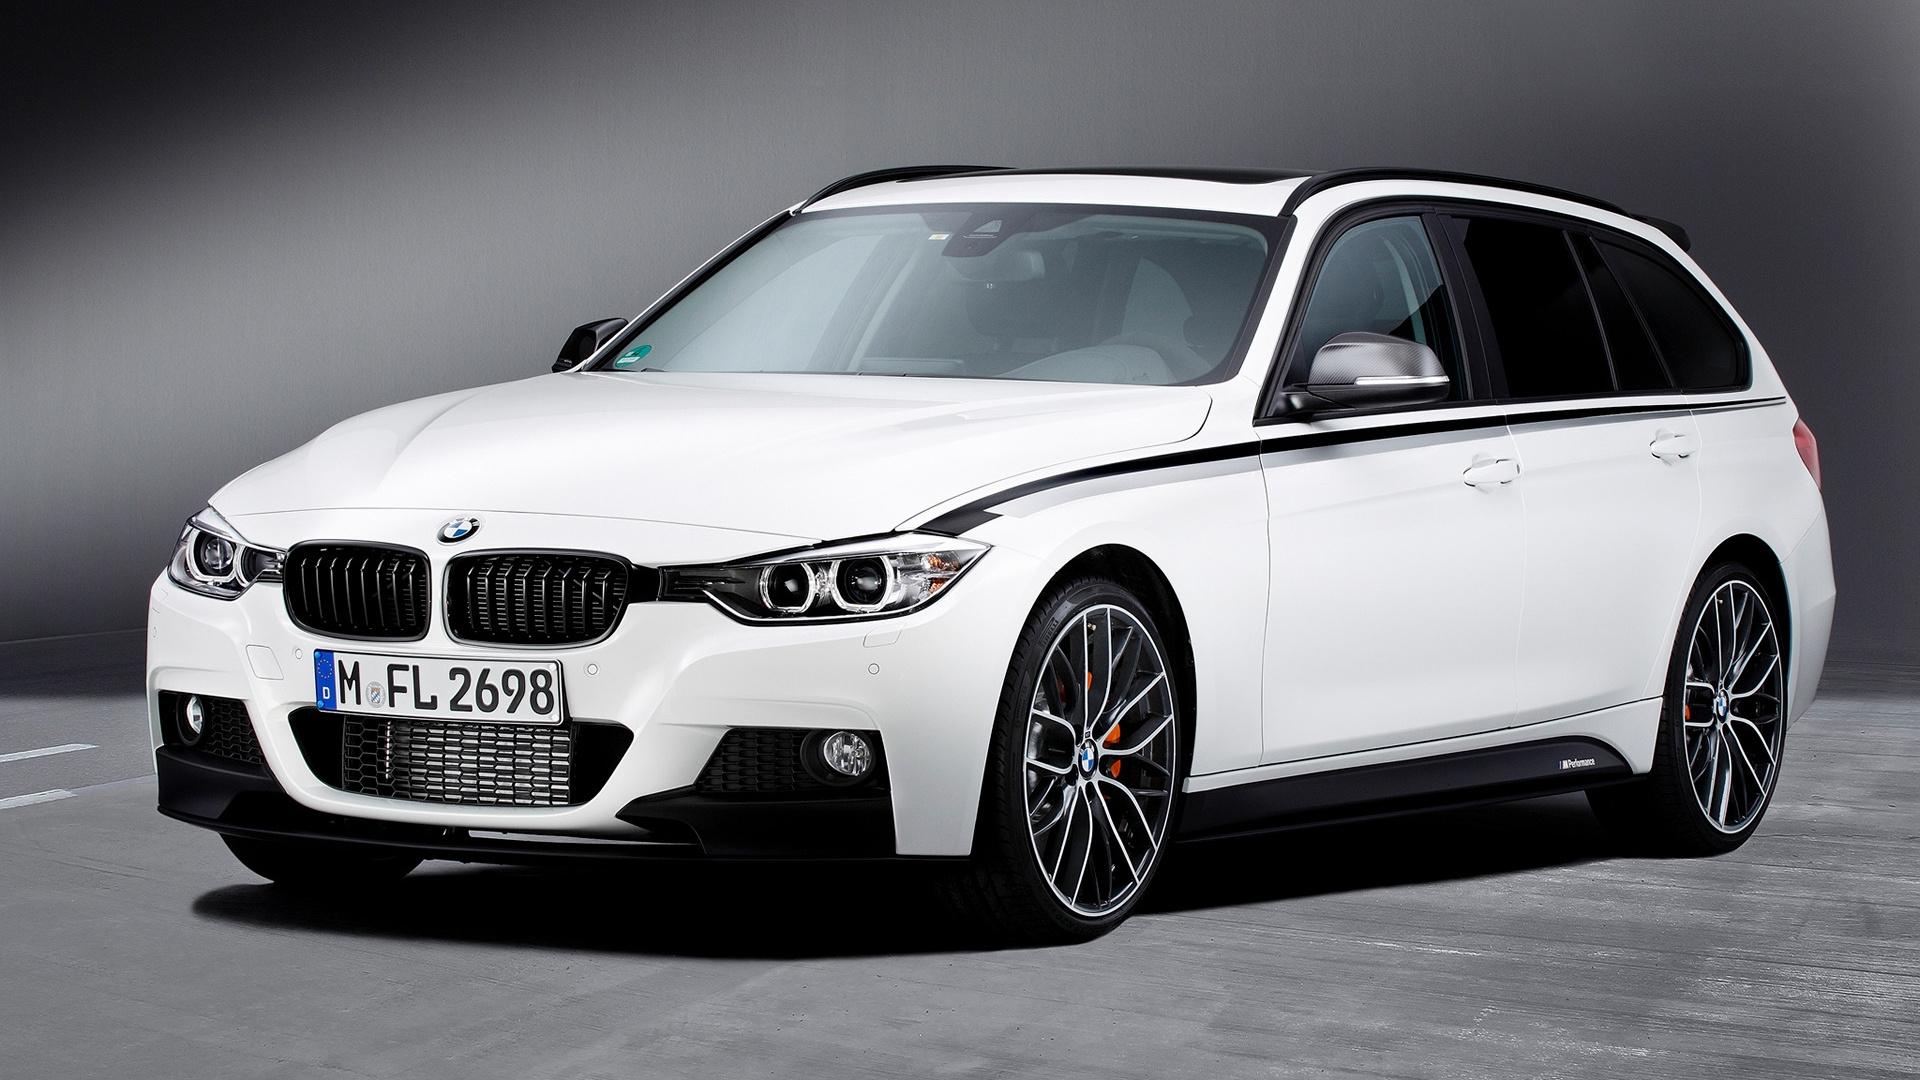 BMW 3 Wallpapers - WallpaperSafari